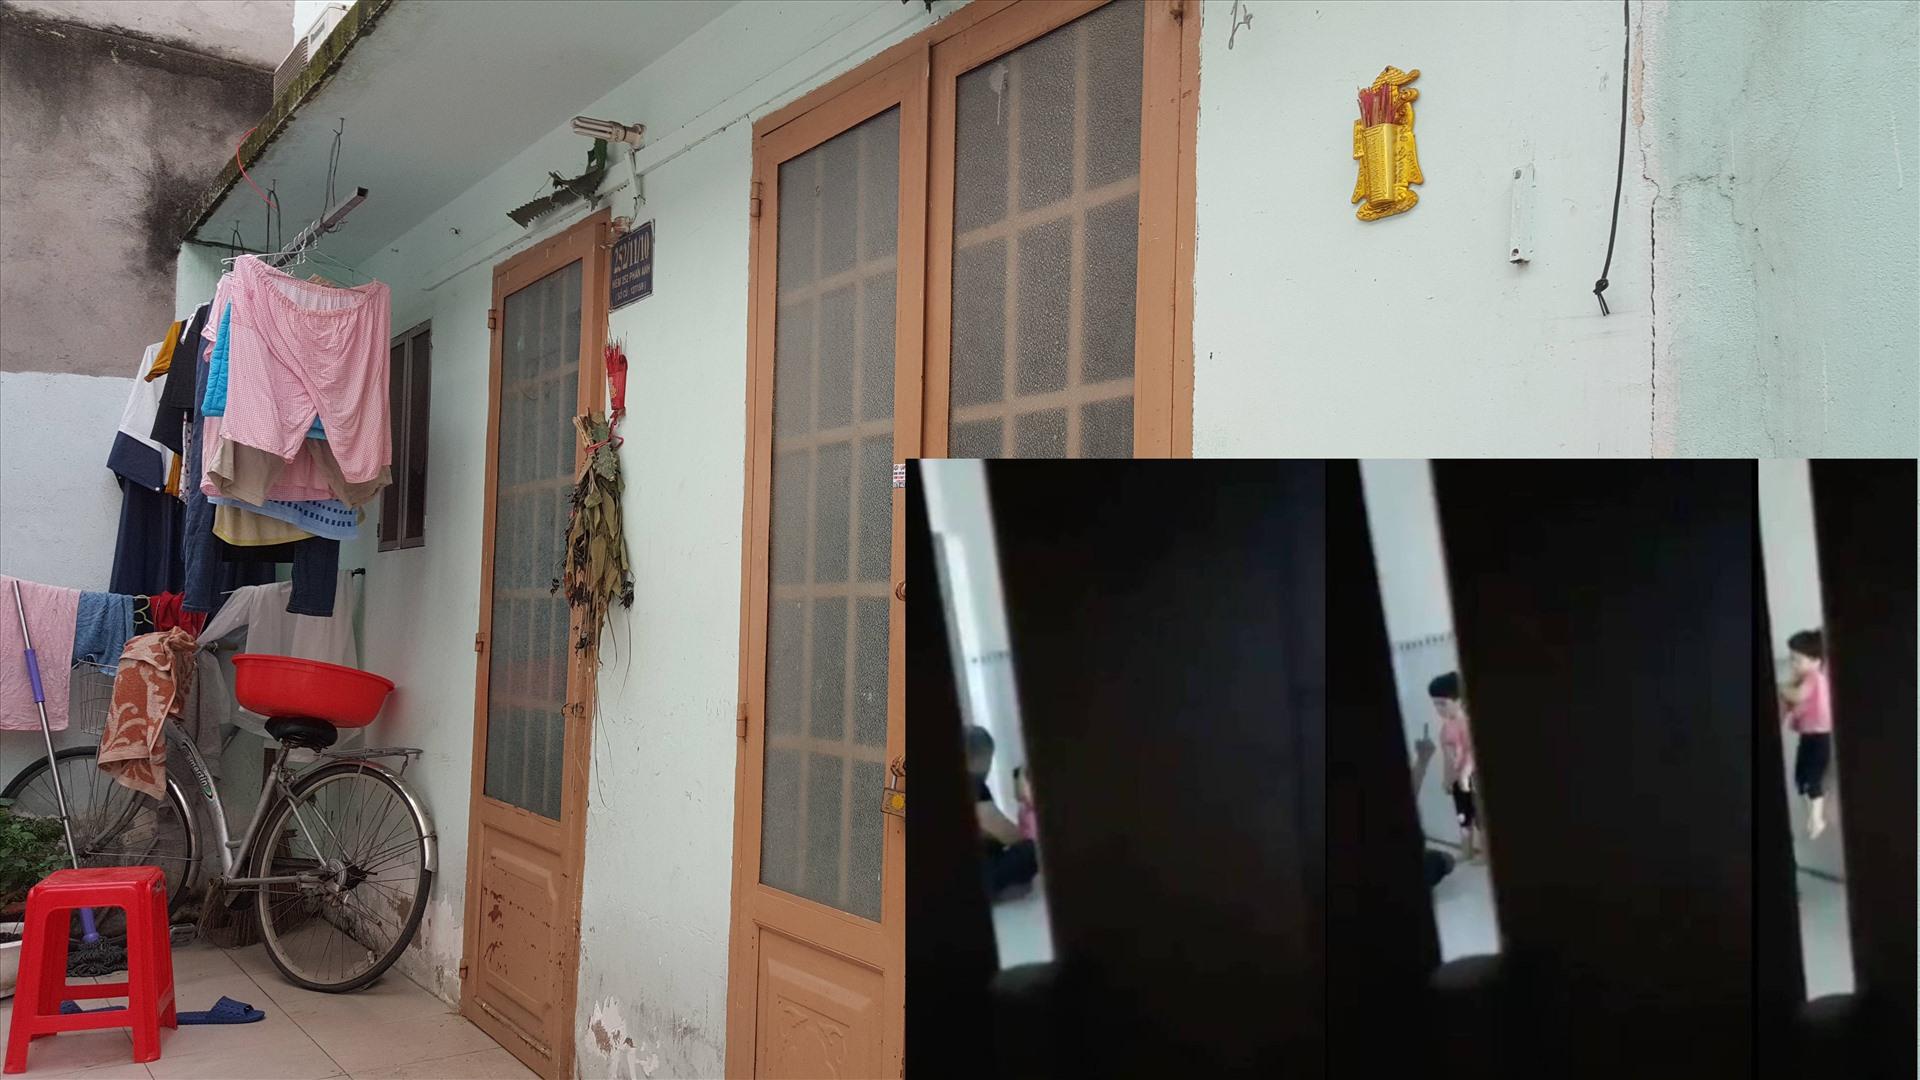 """Vụ bé gái 4 tuổi bị bạo hành dã man ở TP.HCM: Bắt khẩn cấp gã cha dượng """"hờ"""" - Ảnh 1"""